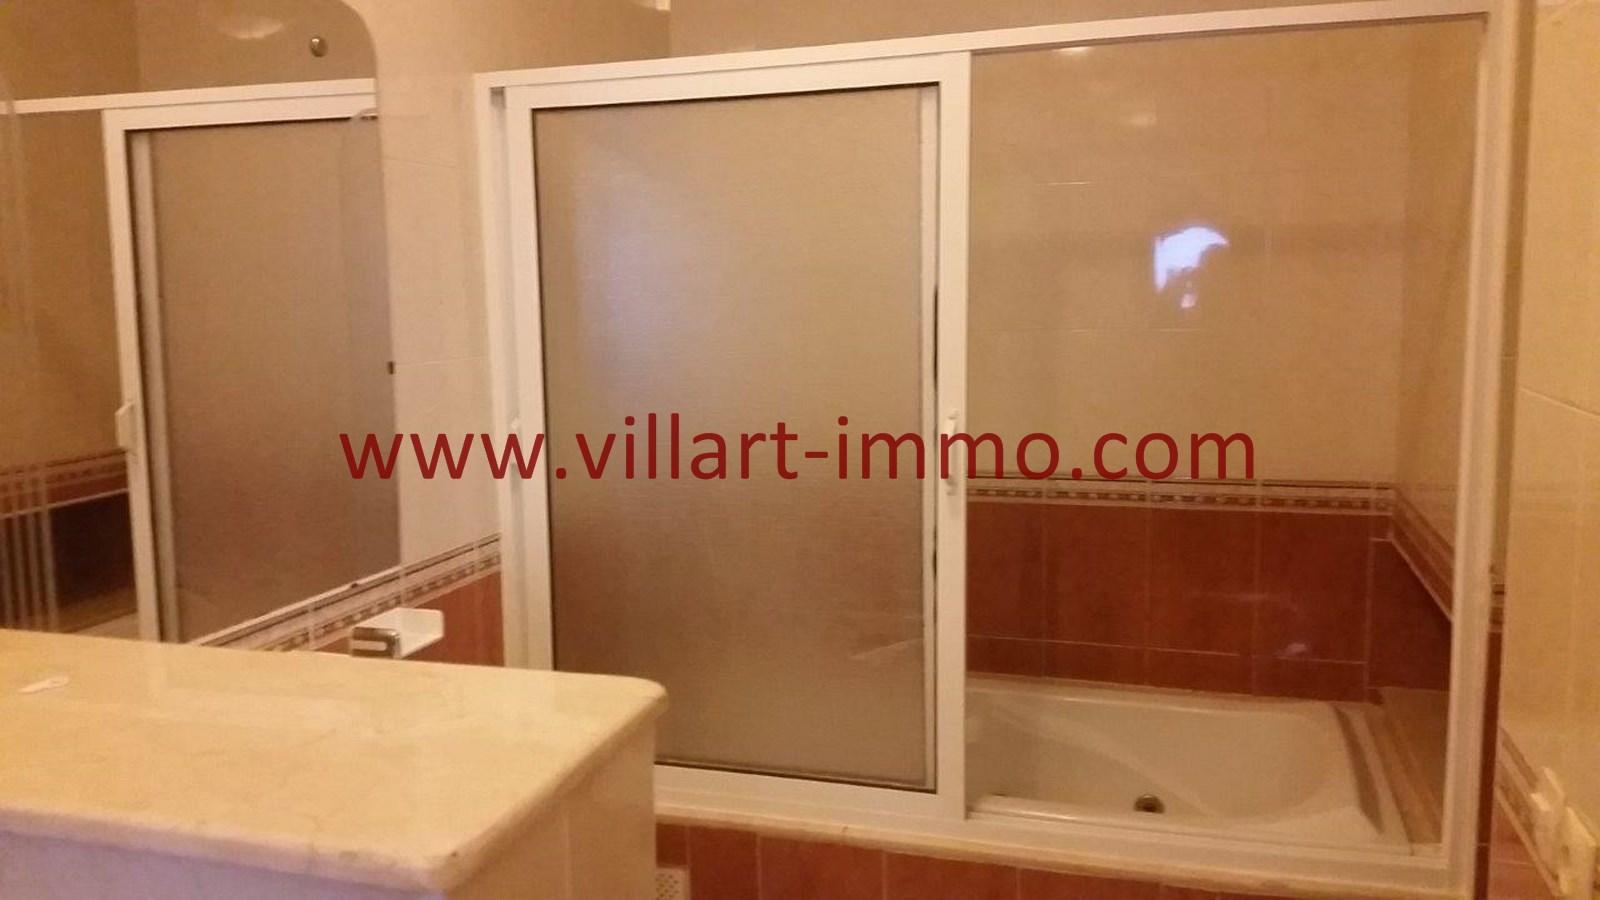 9-a-louer-villa-non-meublee-tanger-salle-de-bain-2-lv901-villart-immo